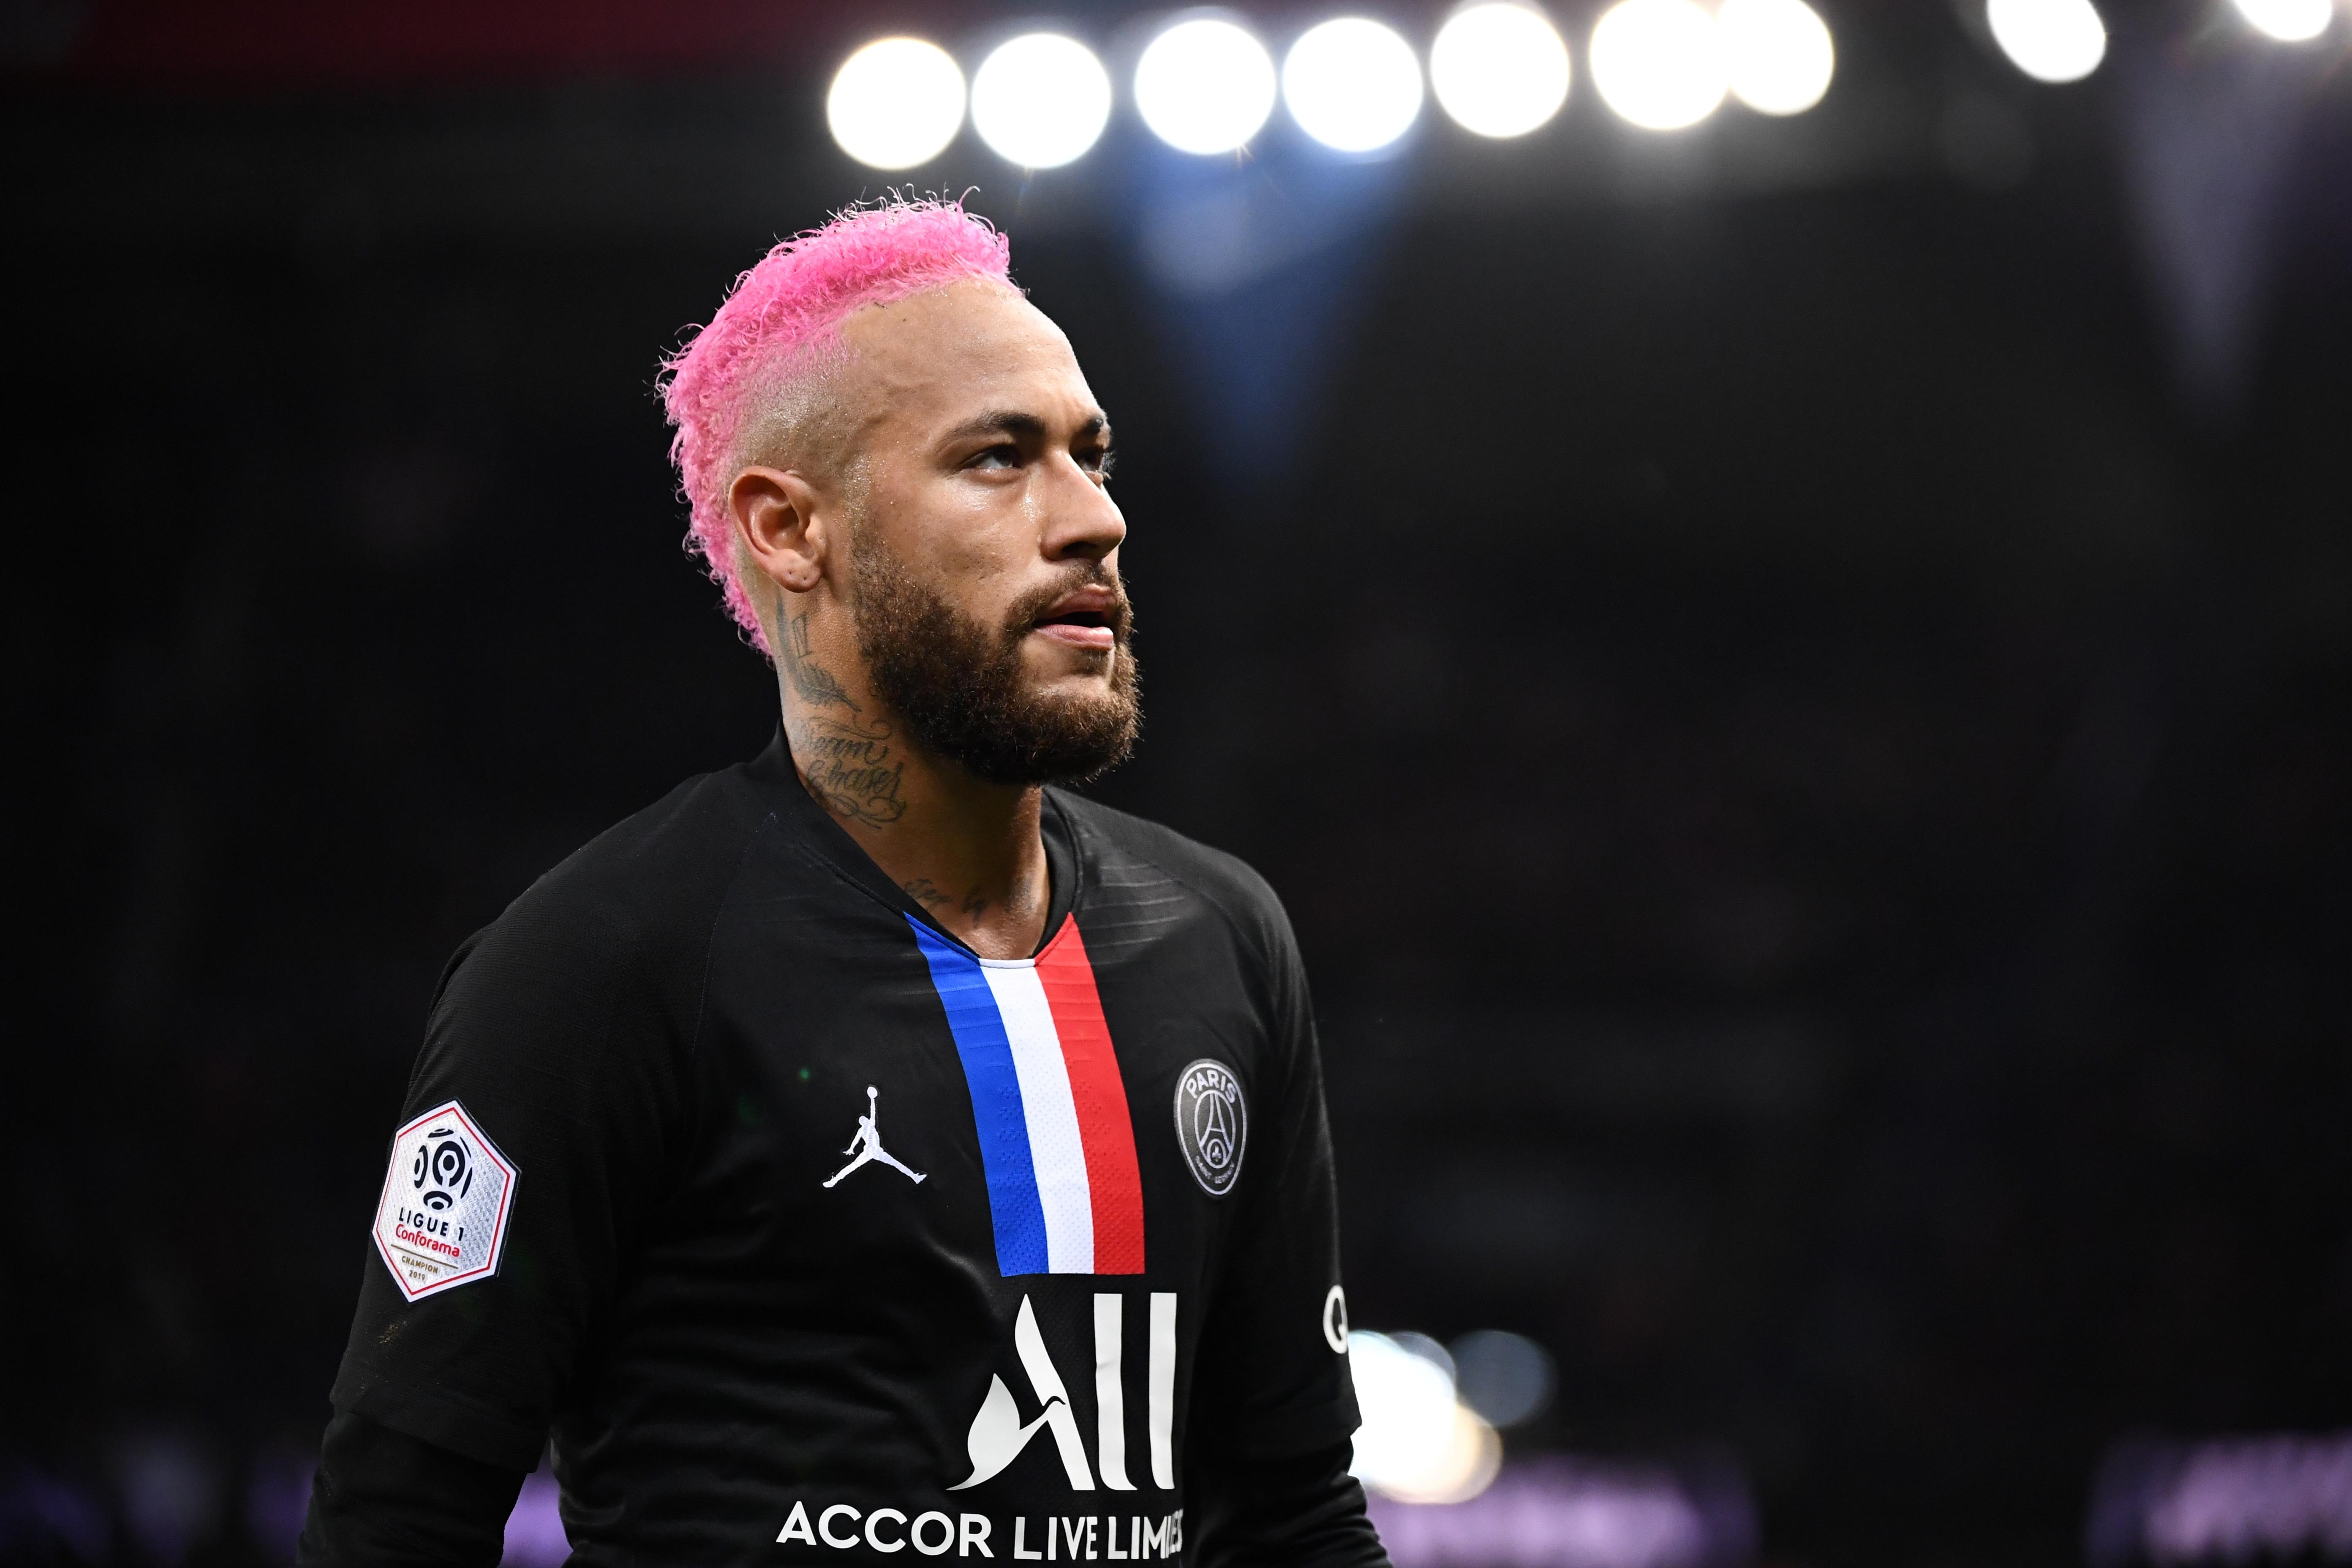 Neymar de cabelo rosa! Veja as fotos do novo visual do camisa 10